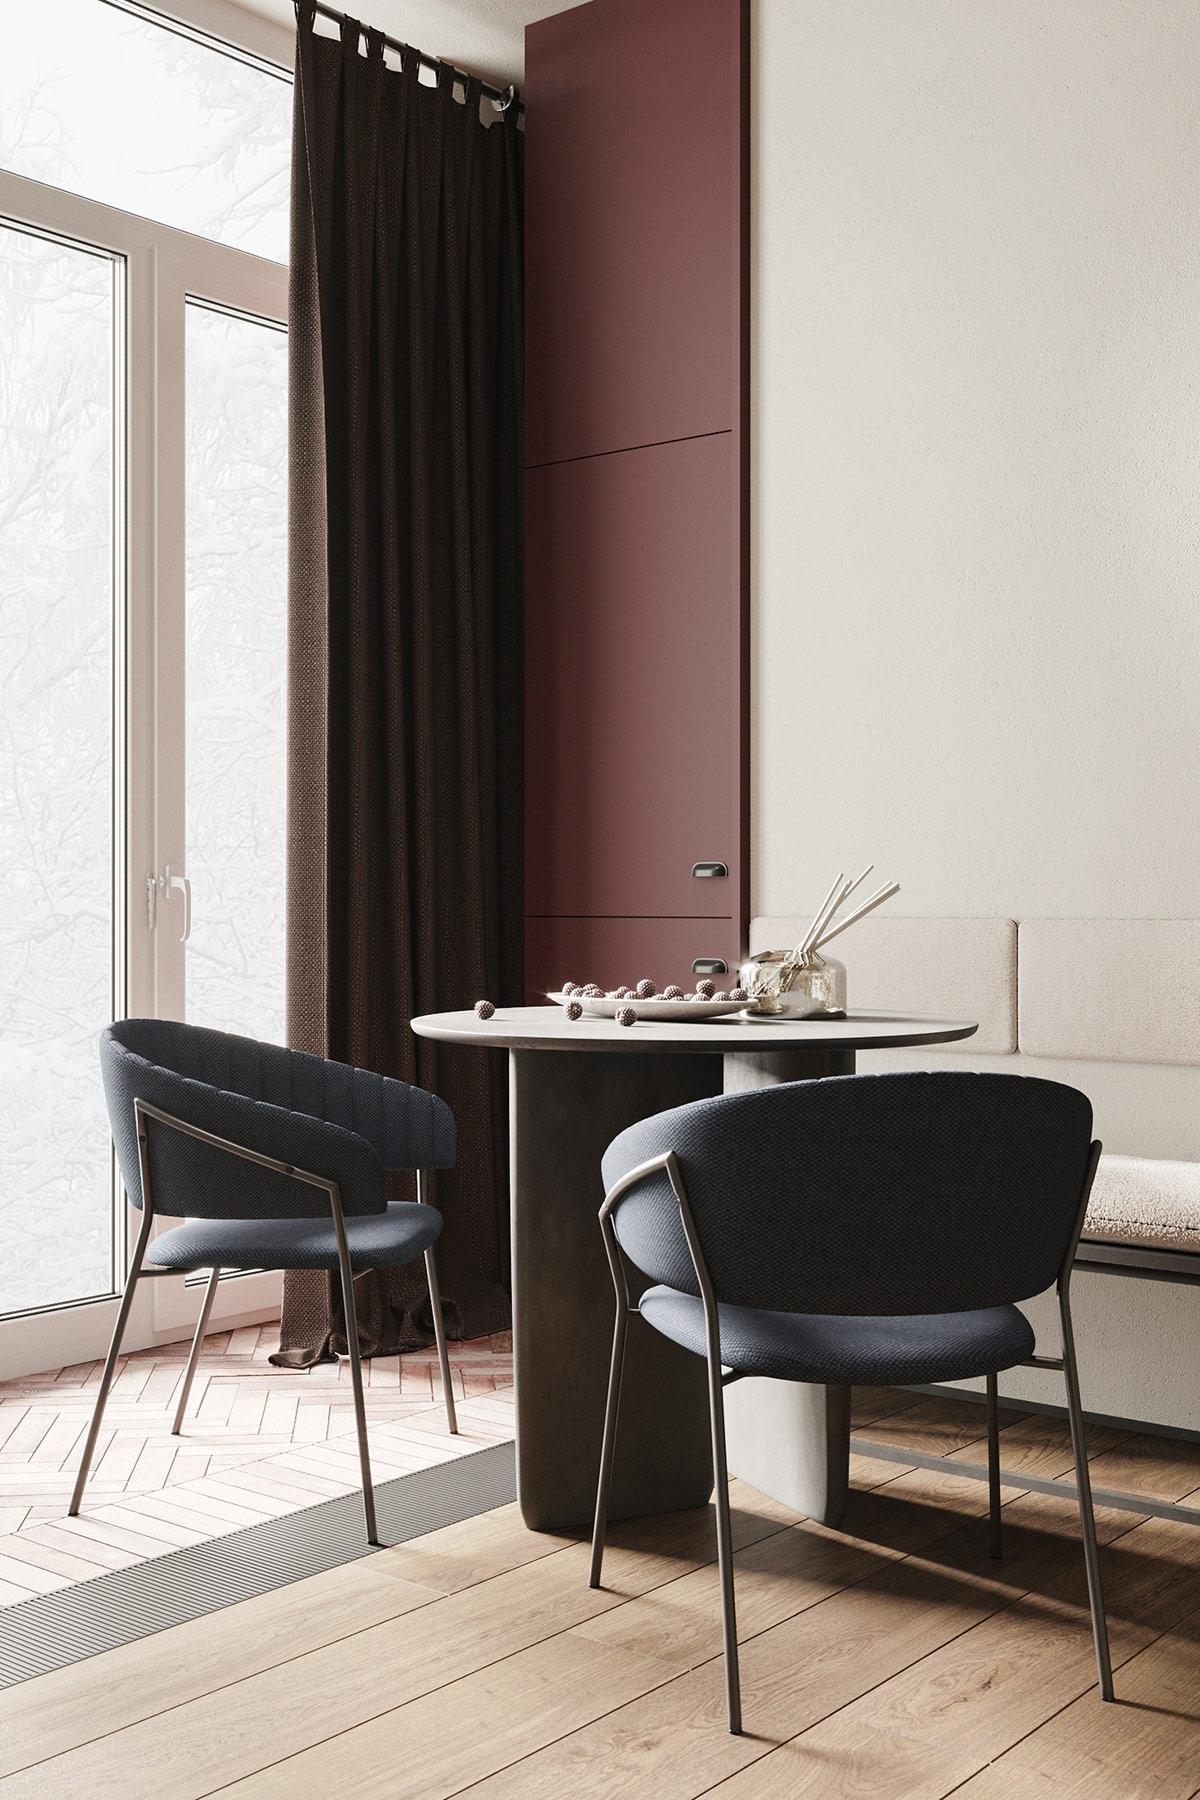 Căn hộ nhấn nhá chút tông màu tím, sàn gỗ với hai kiểu ốp là một ý tưởng trang trí không tồi. Một điều thú vị là trần nhà cũng được ốp bằng ván gỗ mộc mạc để tạo cảm giác về chiều cao rộng rãi của căn phòng.